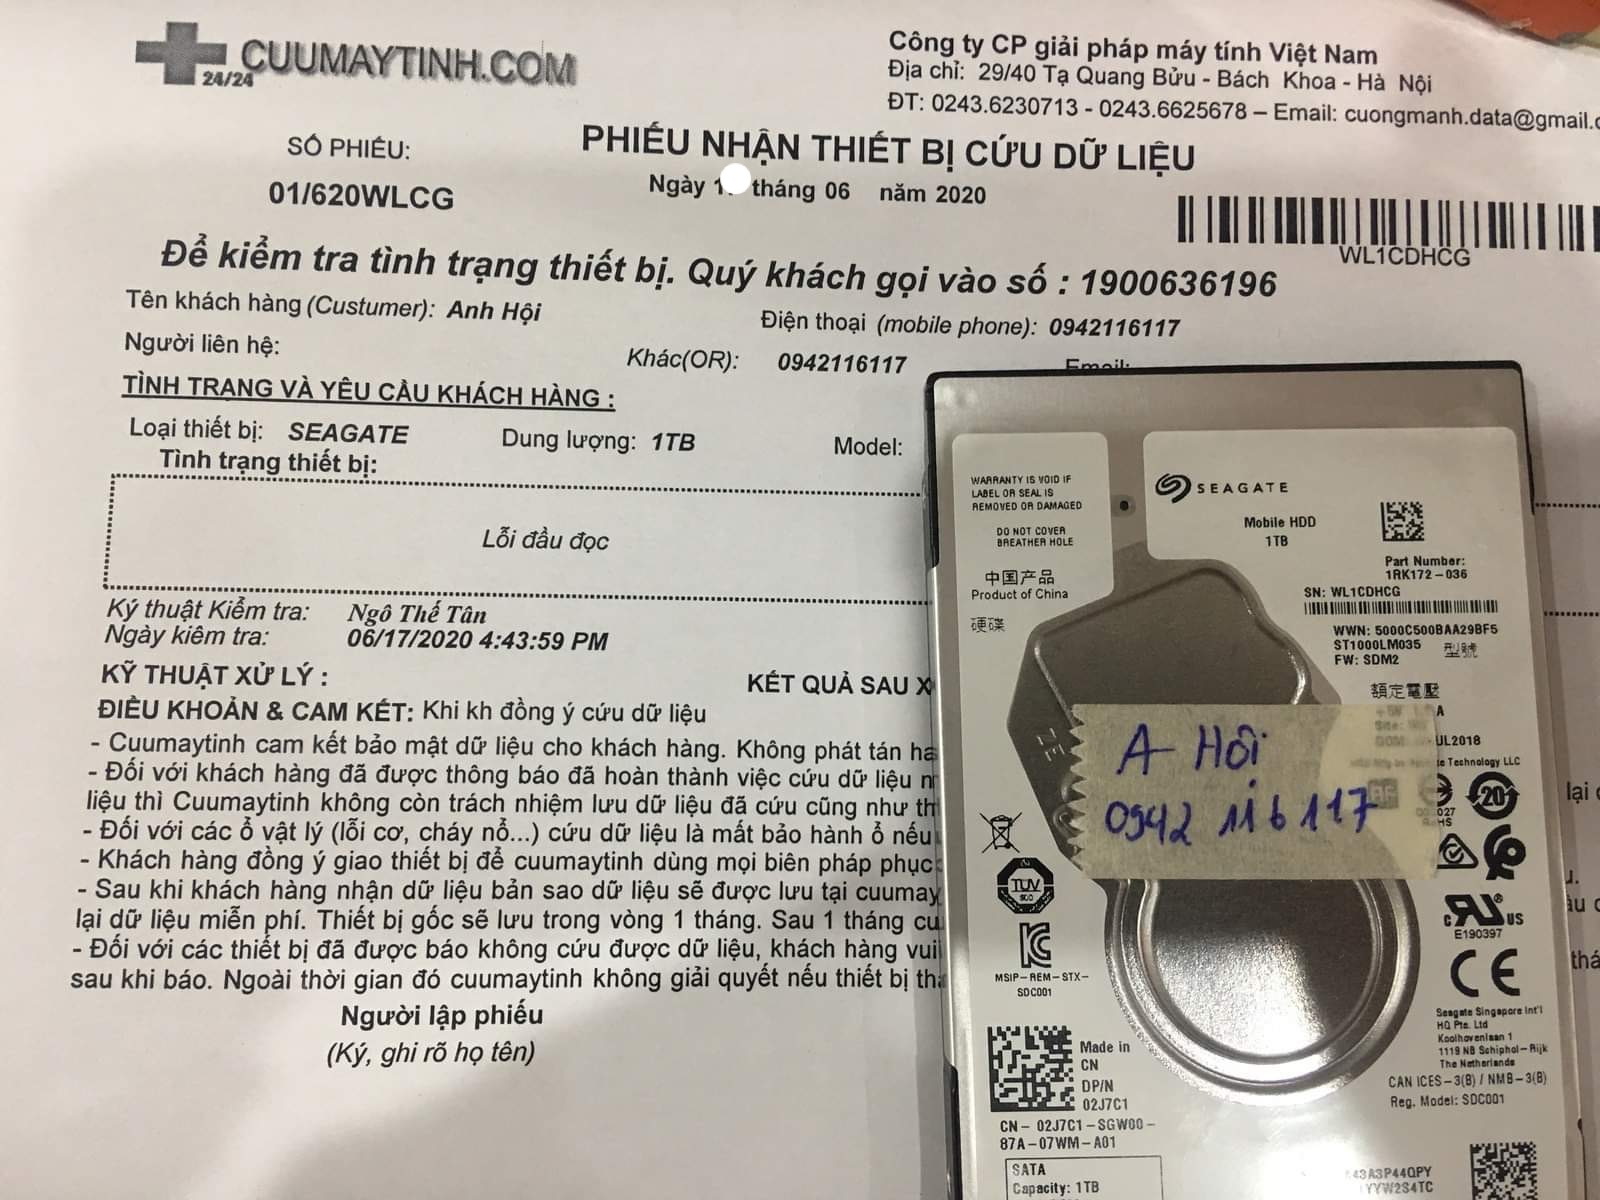 Khôi phục dữ liệu ổ cứng Seaagte 1TB lỗi đầu đọc 22/06/2020 - cuumaytinh